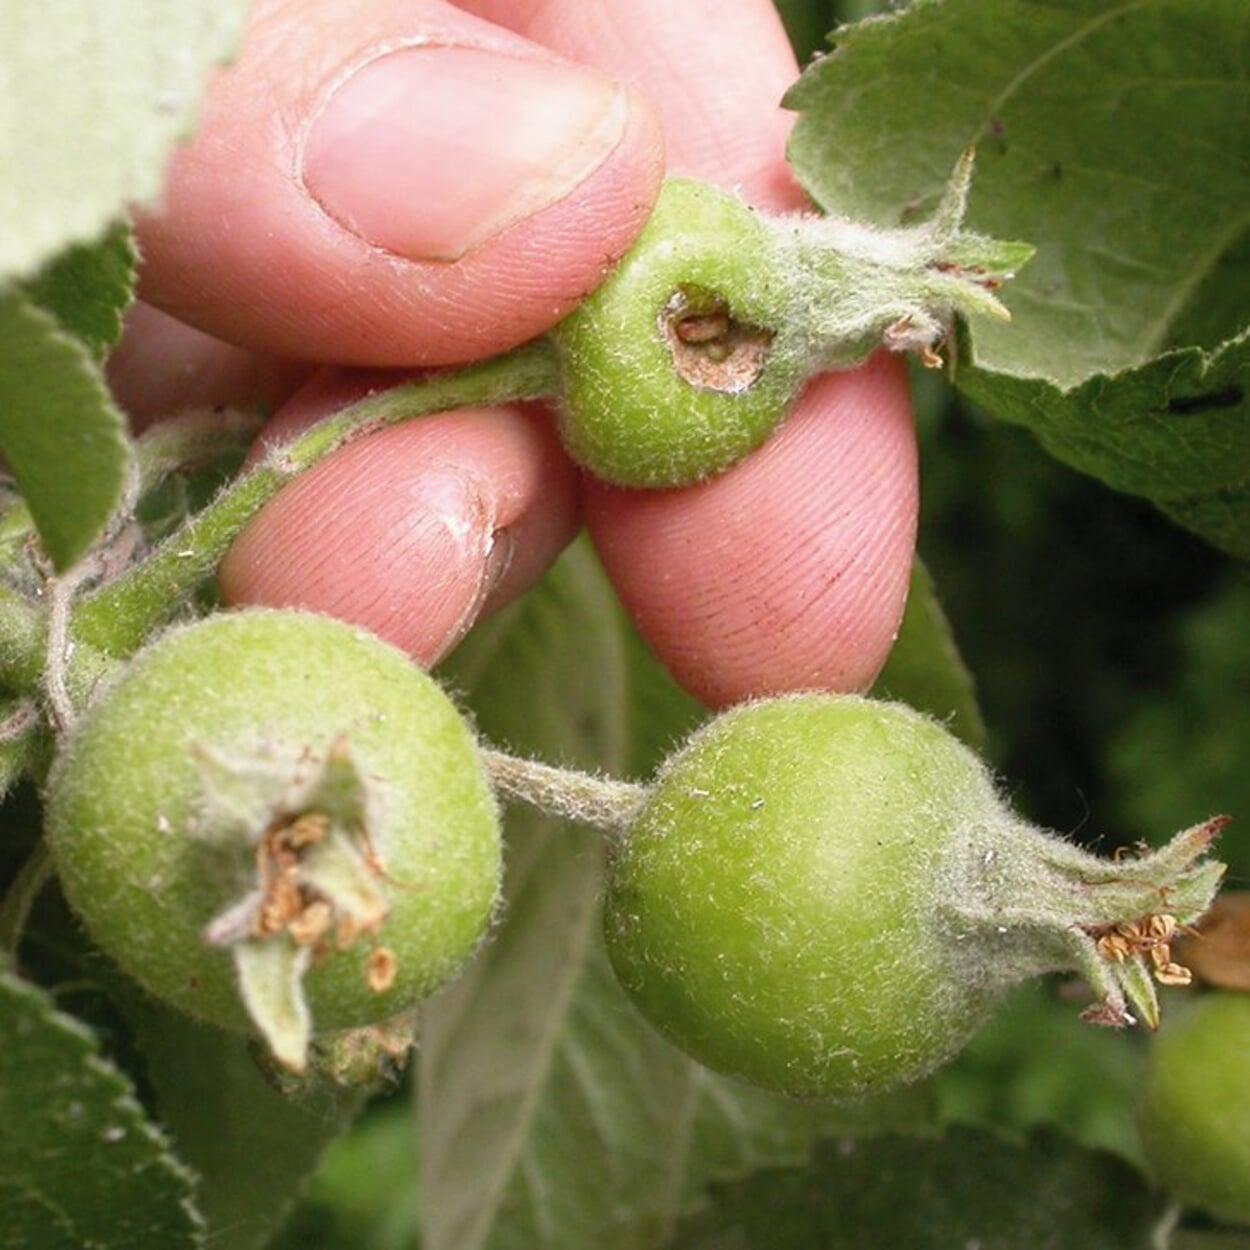 Beim Ausdünnen von Aprikosen gleichzeitig auch alle schadhaften Früchte entfernen